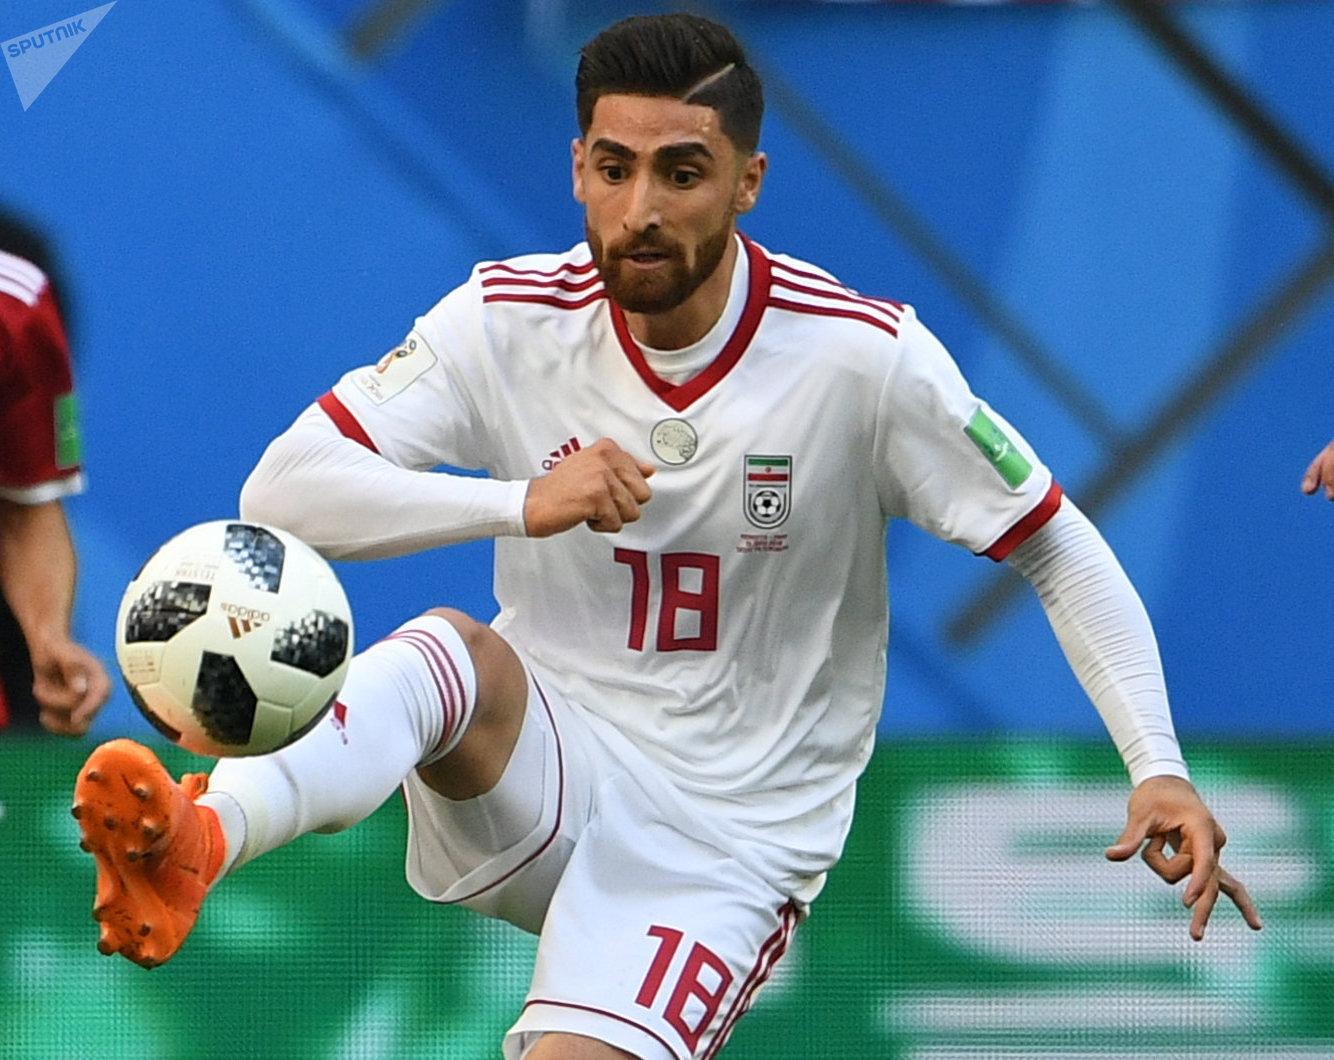 Alireza Jahanbakhsh, jugador de Irán, conduce un balón